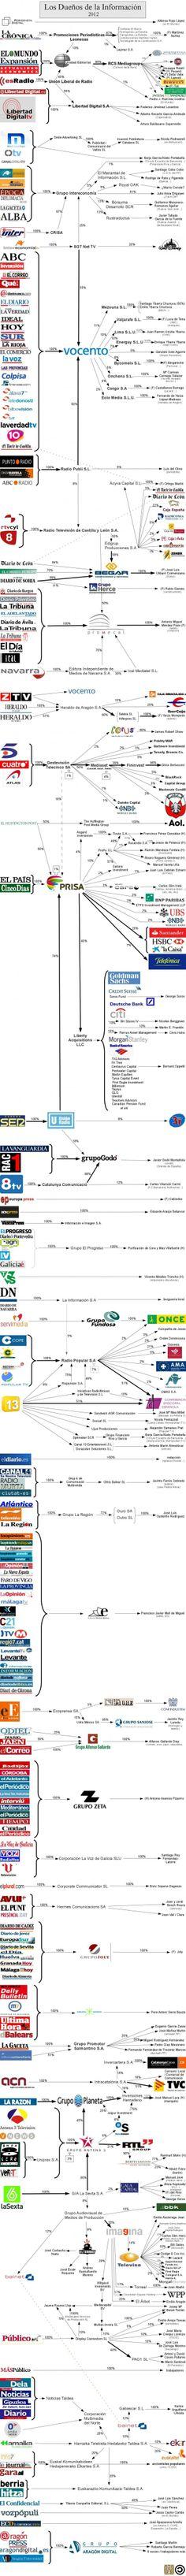 Medios de comunicación en España